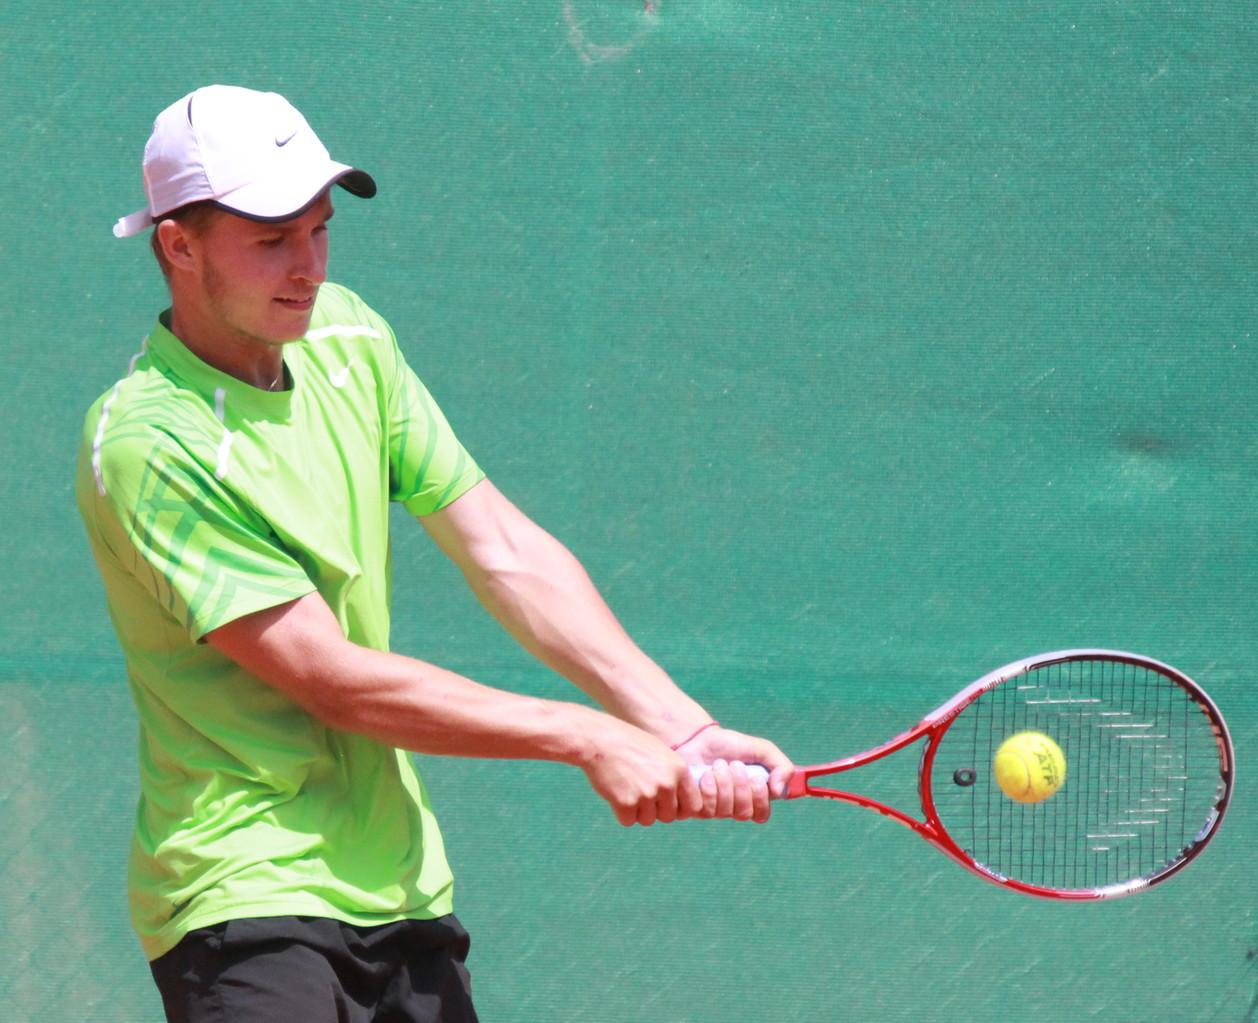 """http://www.tennisscores.de/livescore/itfjun/livescorer.html?tournid=770#"""" target=""""_blank"""